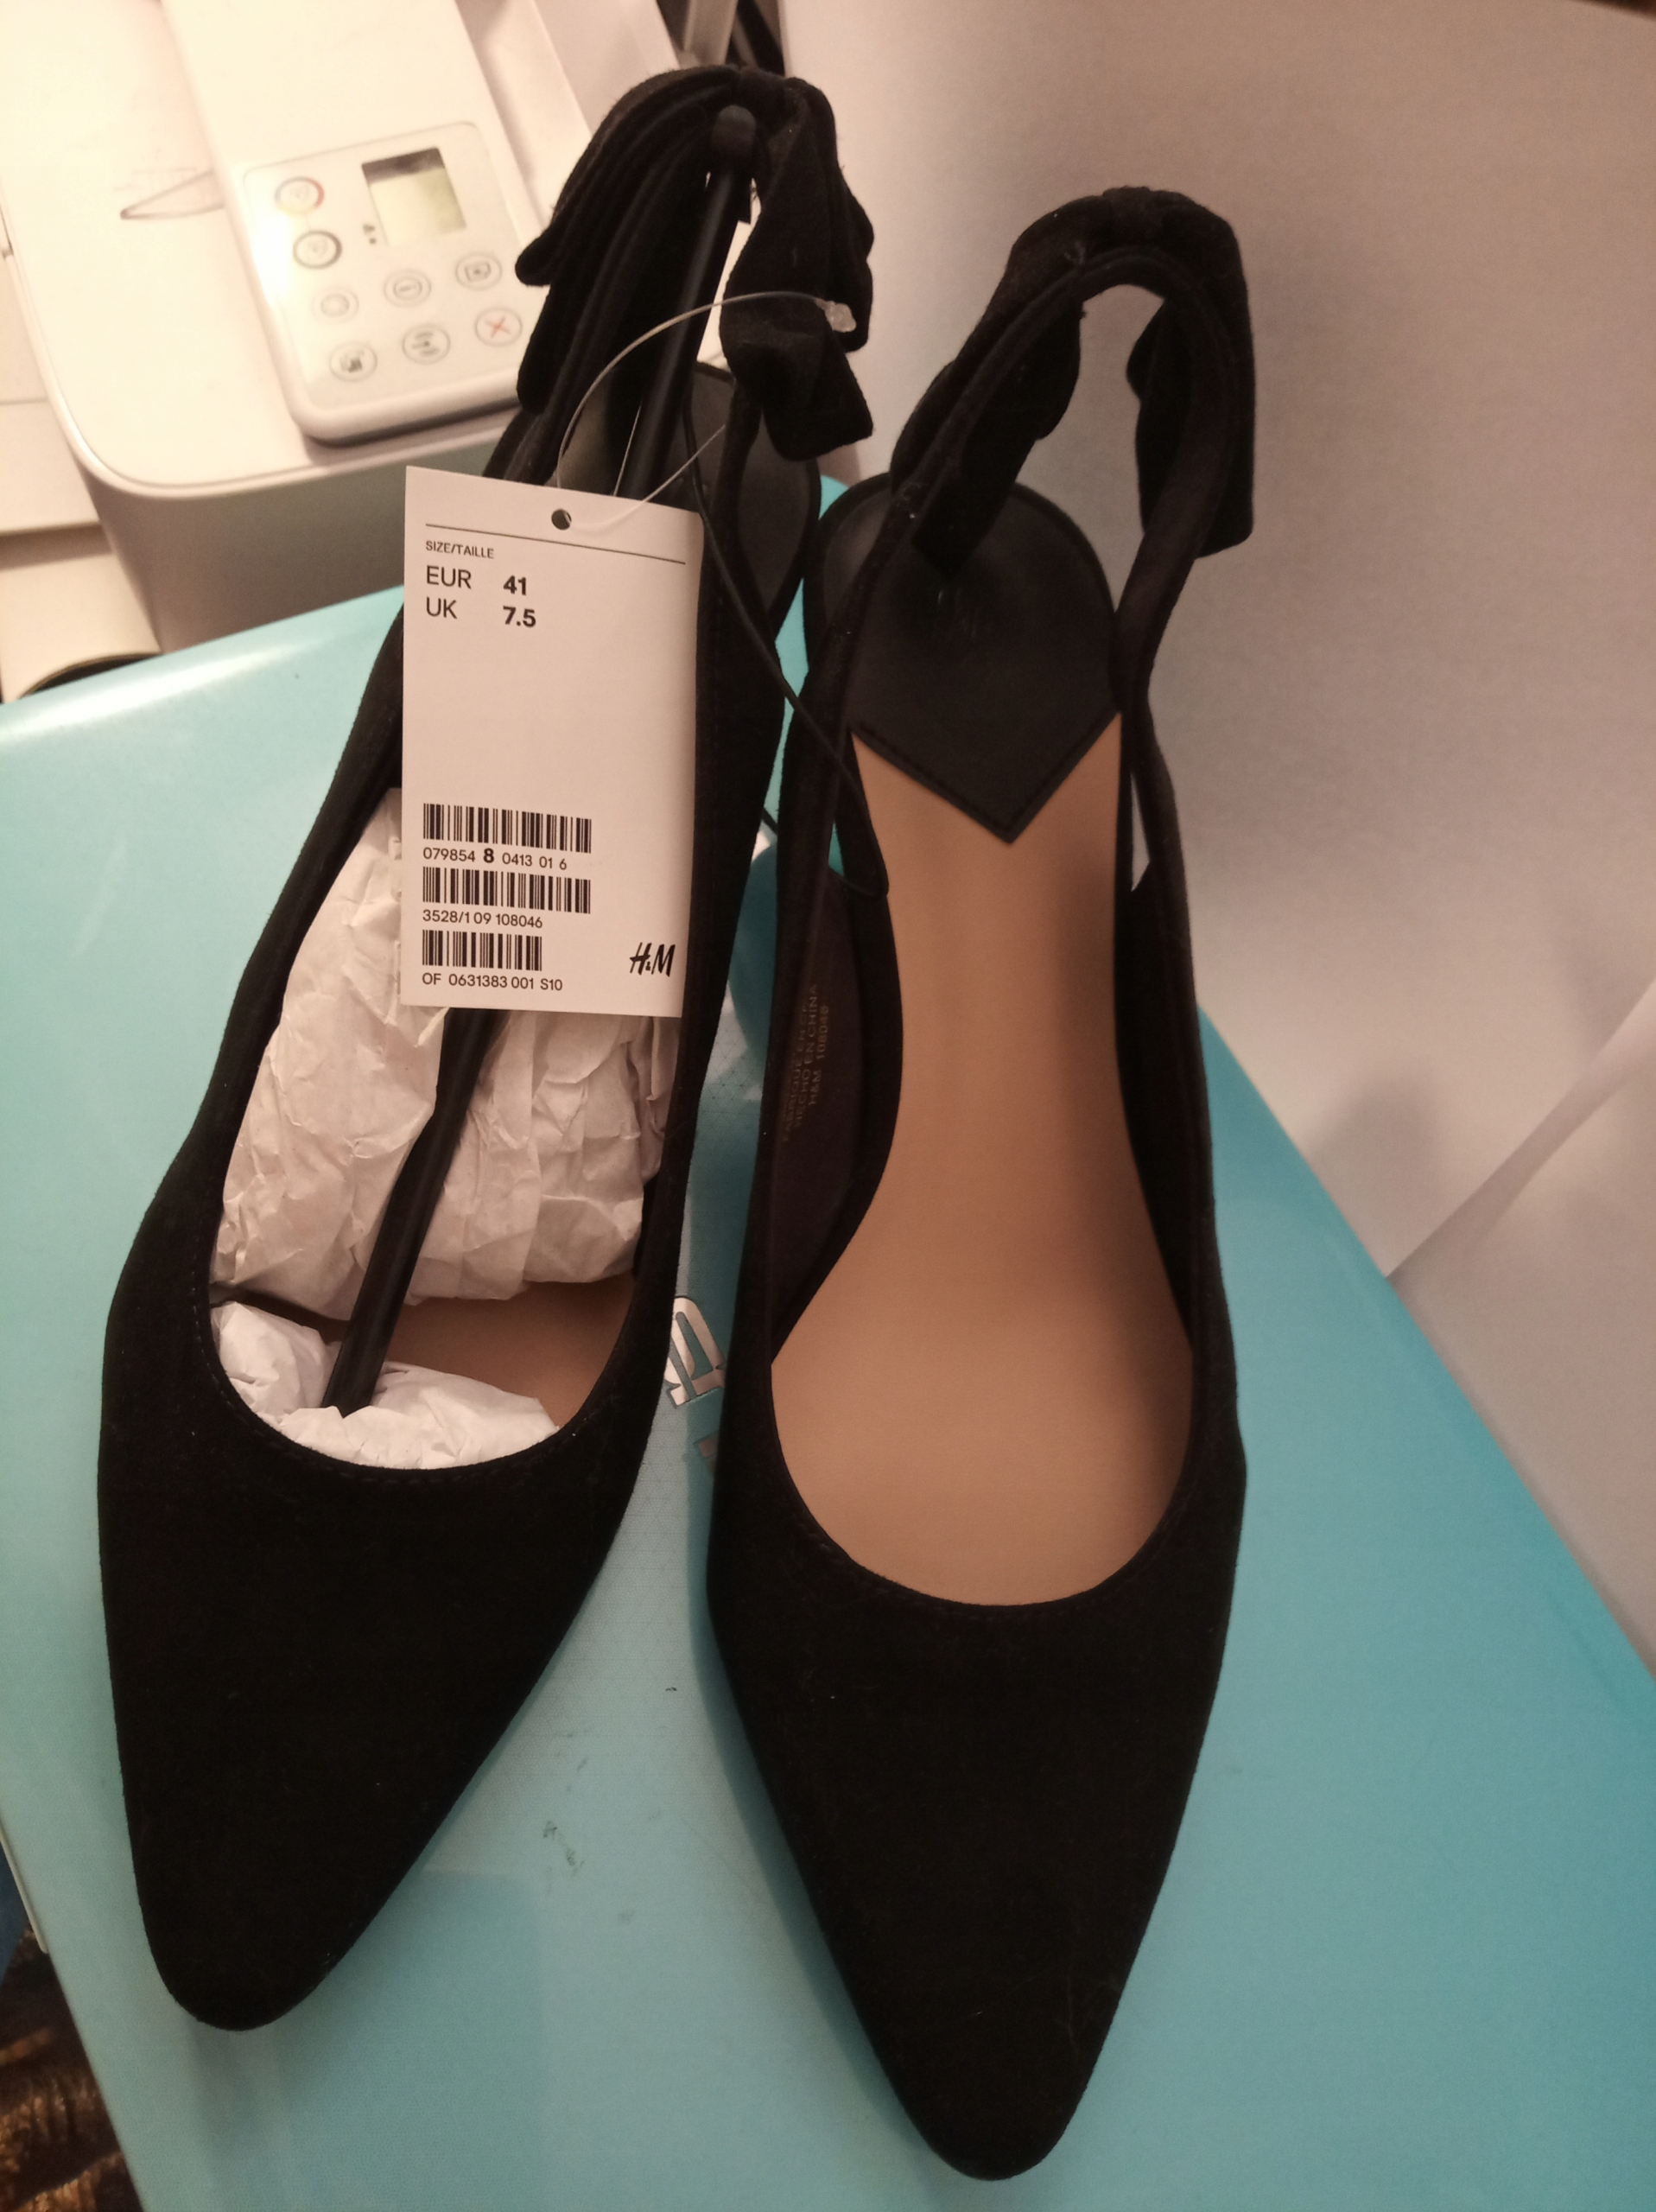 BUTY H&M 41 czarne botki sandałki kokarka